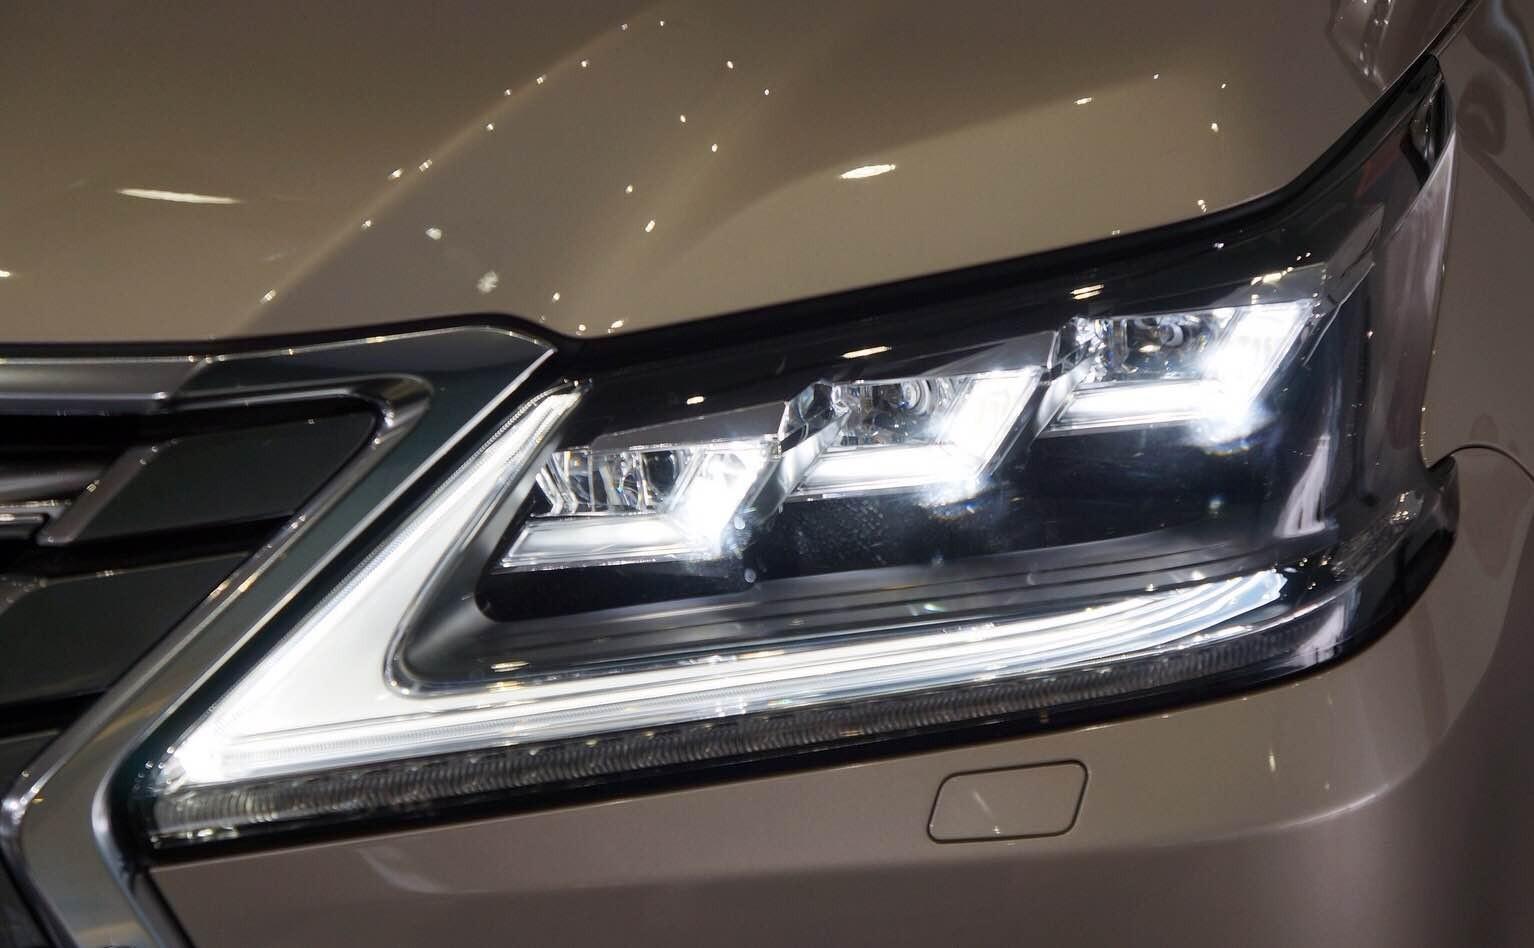 Thiết kế đèn pha 3 bóng LED cùng dải đèn LED định vị ban ngày đặc trưng của thương hiệu xe sang Nhật Bản đang được áp dụng mạnh mẽ trong thời gian gần đây